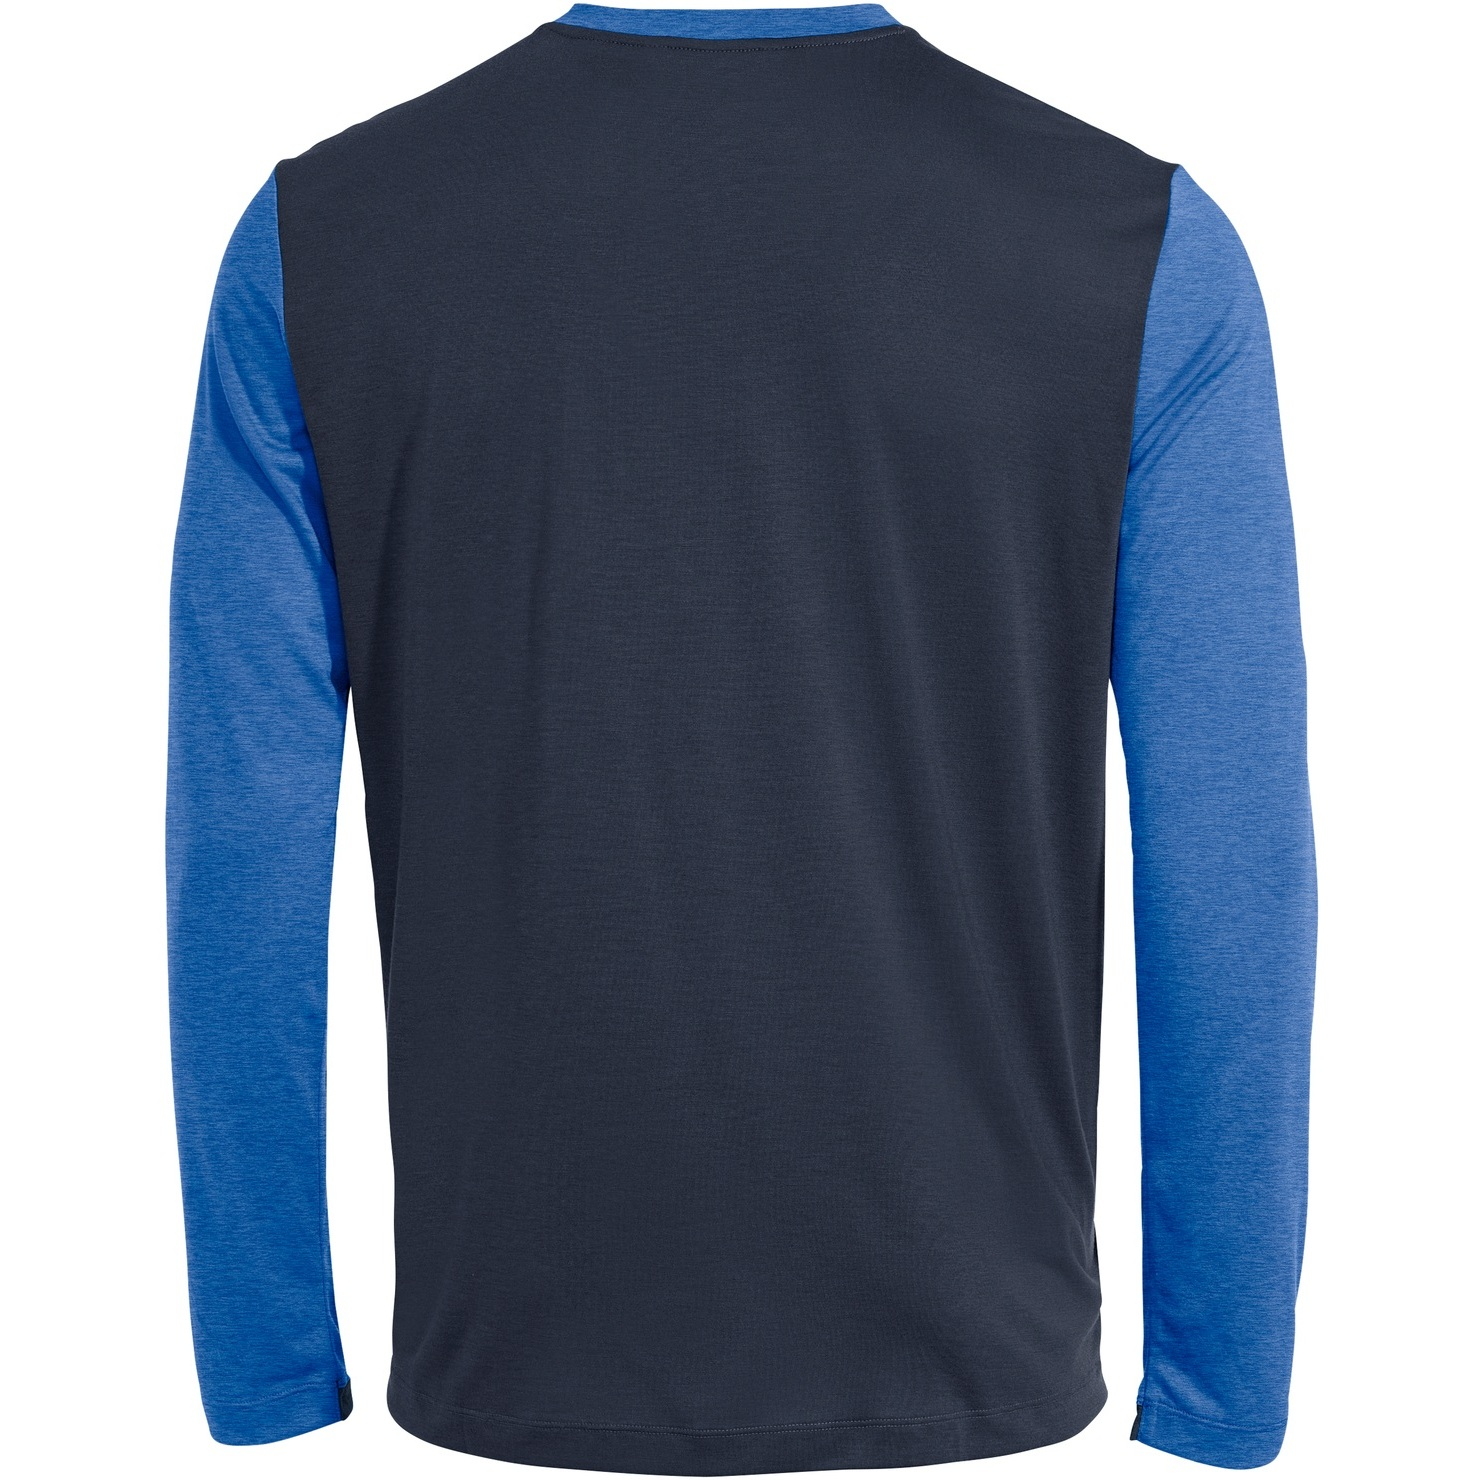 Bild von Vaude Sveit Langarm T-Shirt  II - signal blue